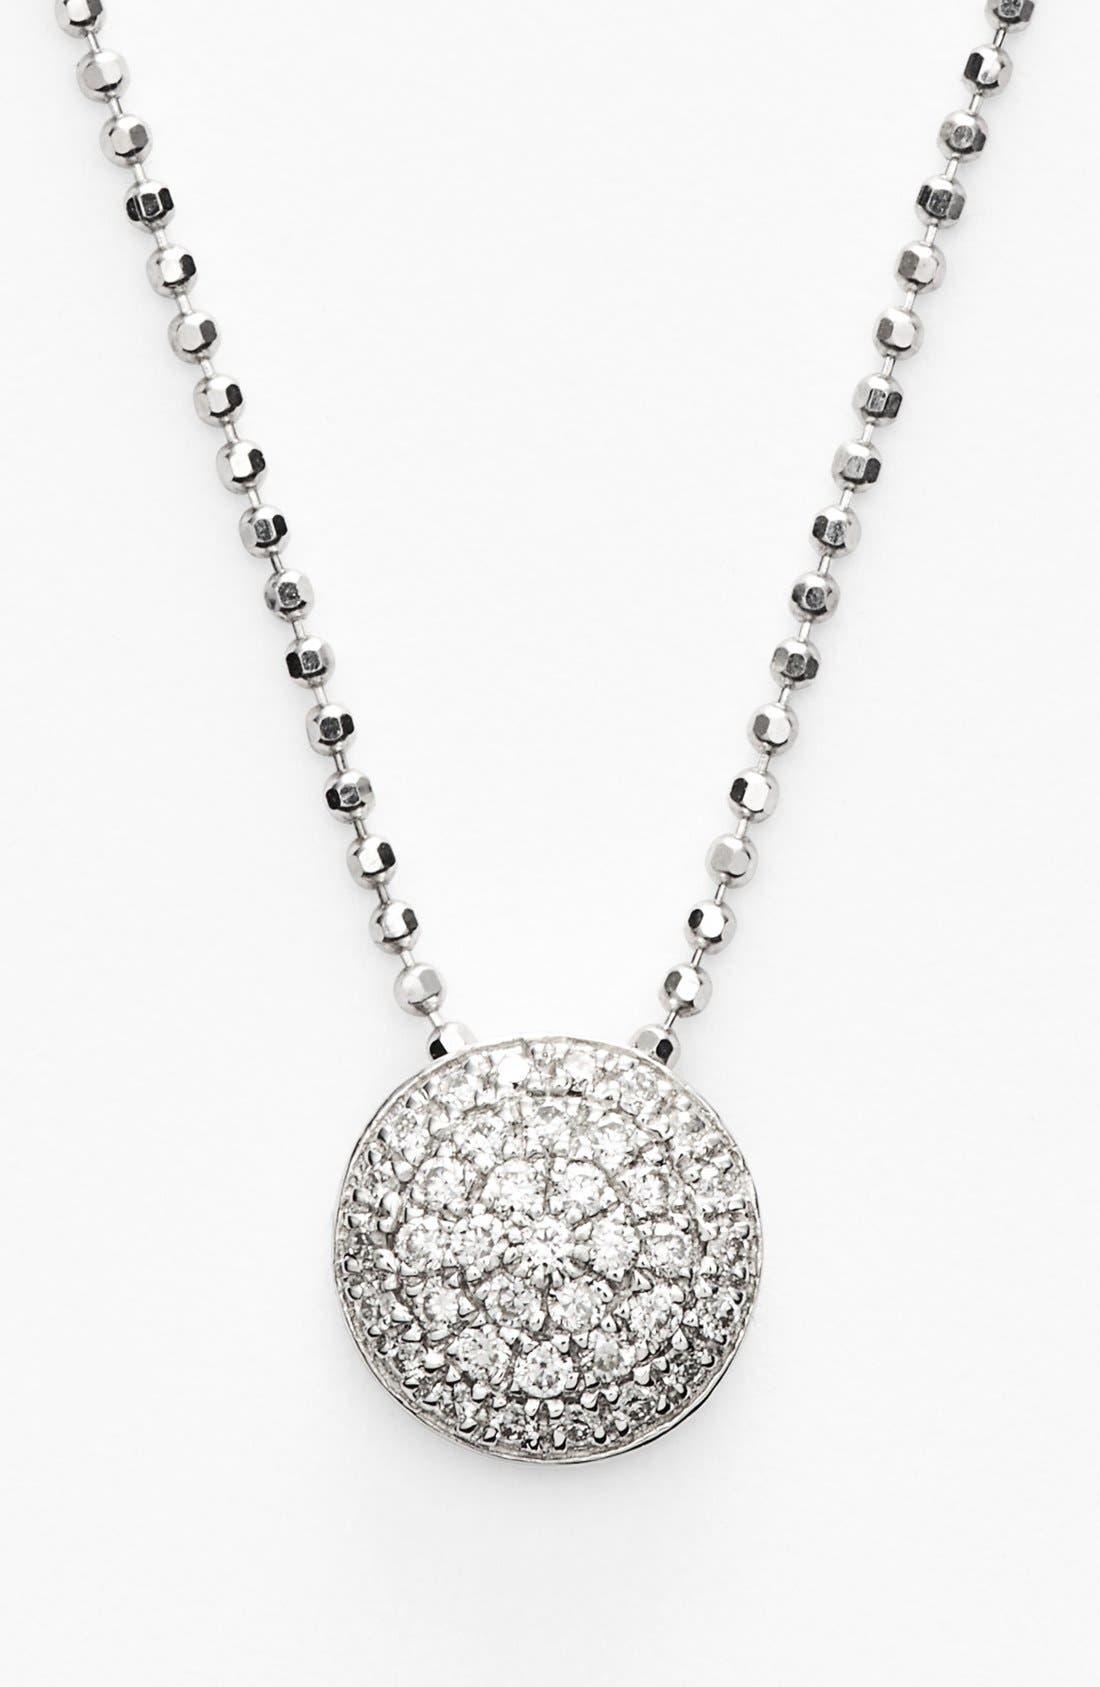 Main Image - Bony Levy 'Eclipse' Pavé Diamond Pendant Necklace (Nordstrom Exclusive)